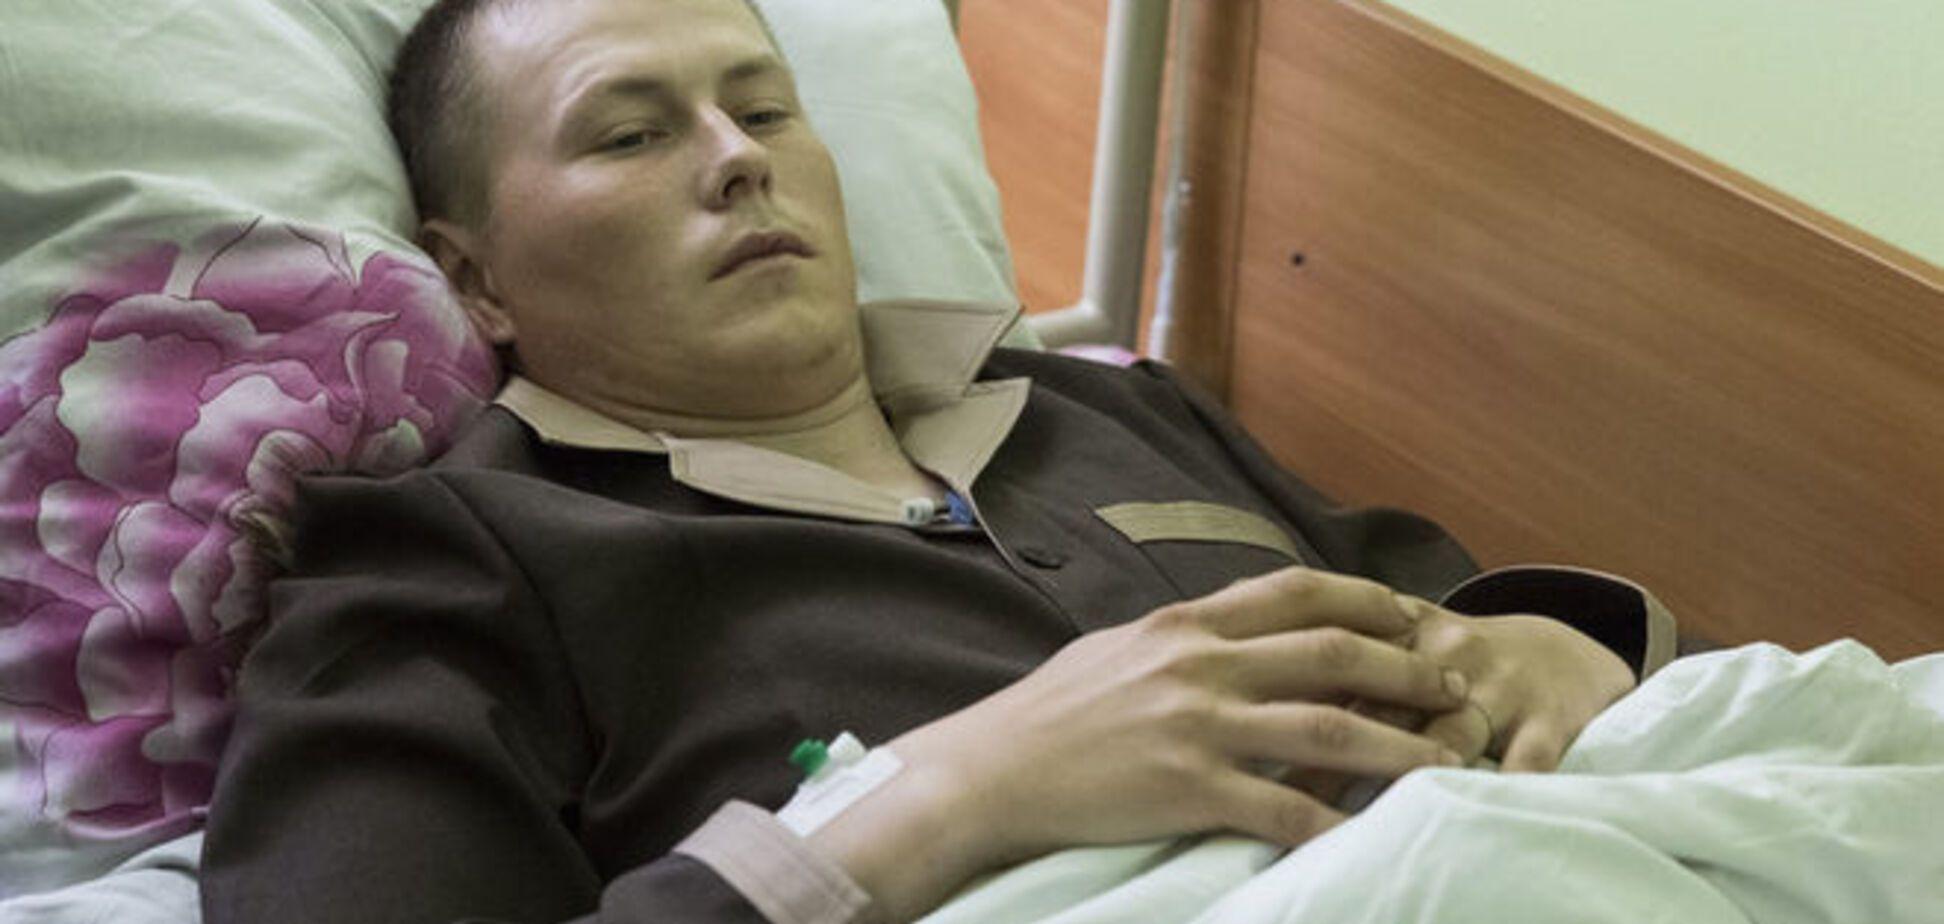 Суд арестовал пленного ГРУшника Александрова до 19 июля